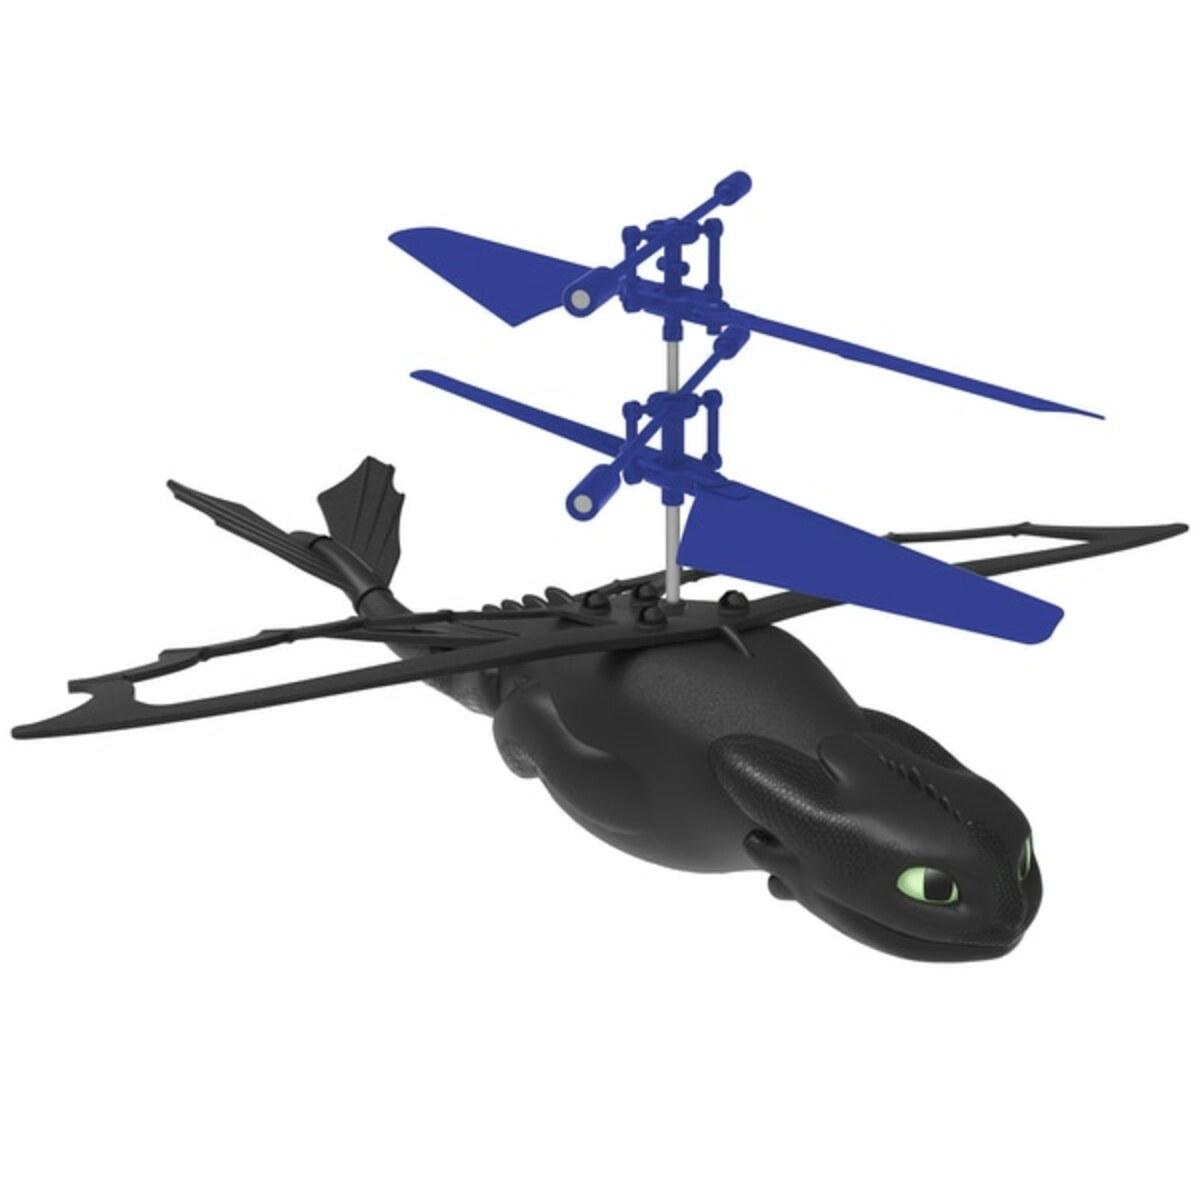 Bild 1 von Dragons - Ohnezahn-Drohne